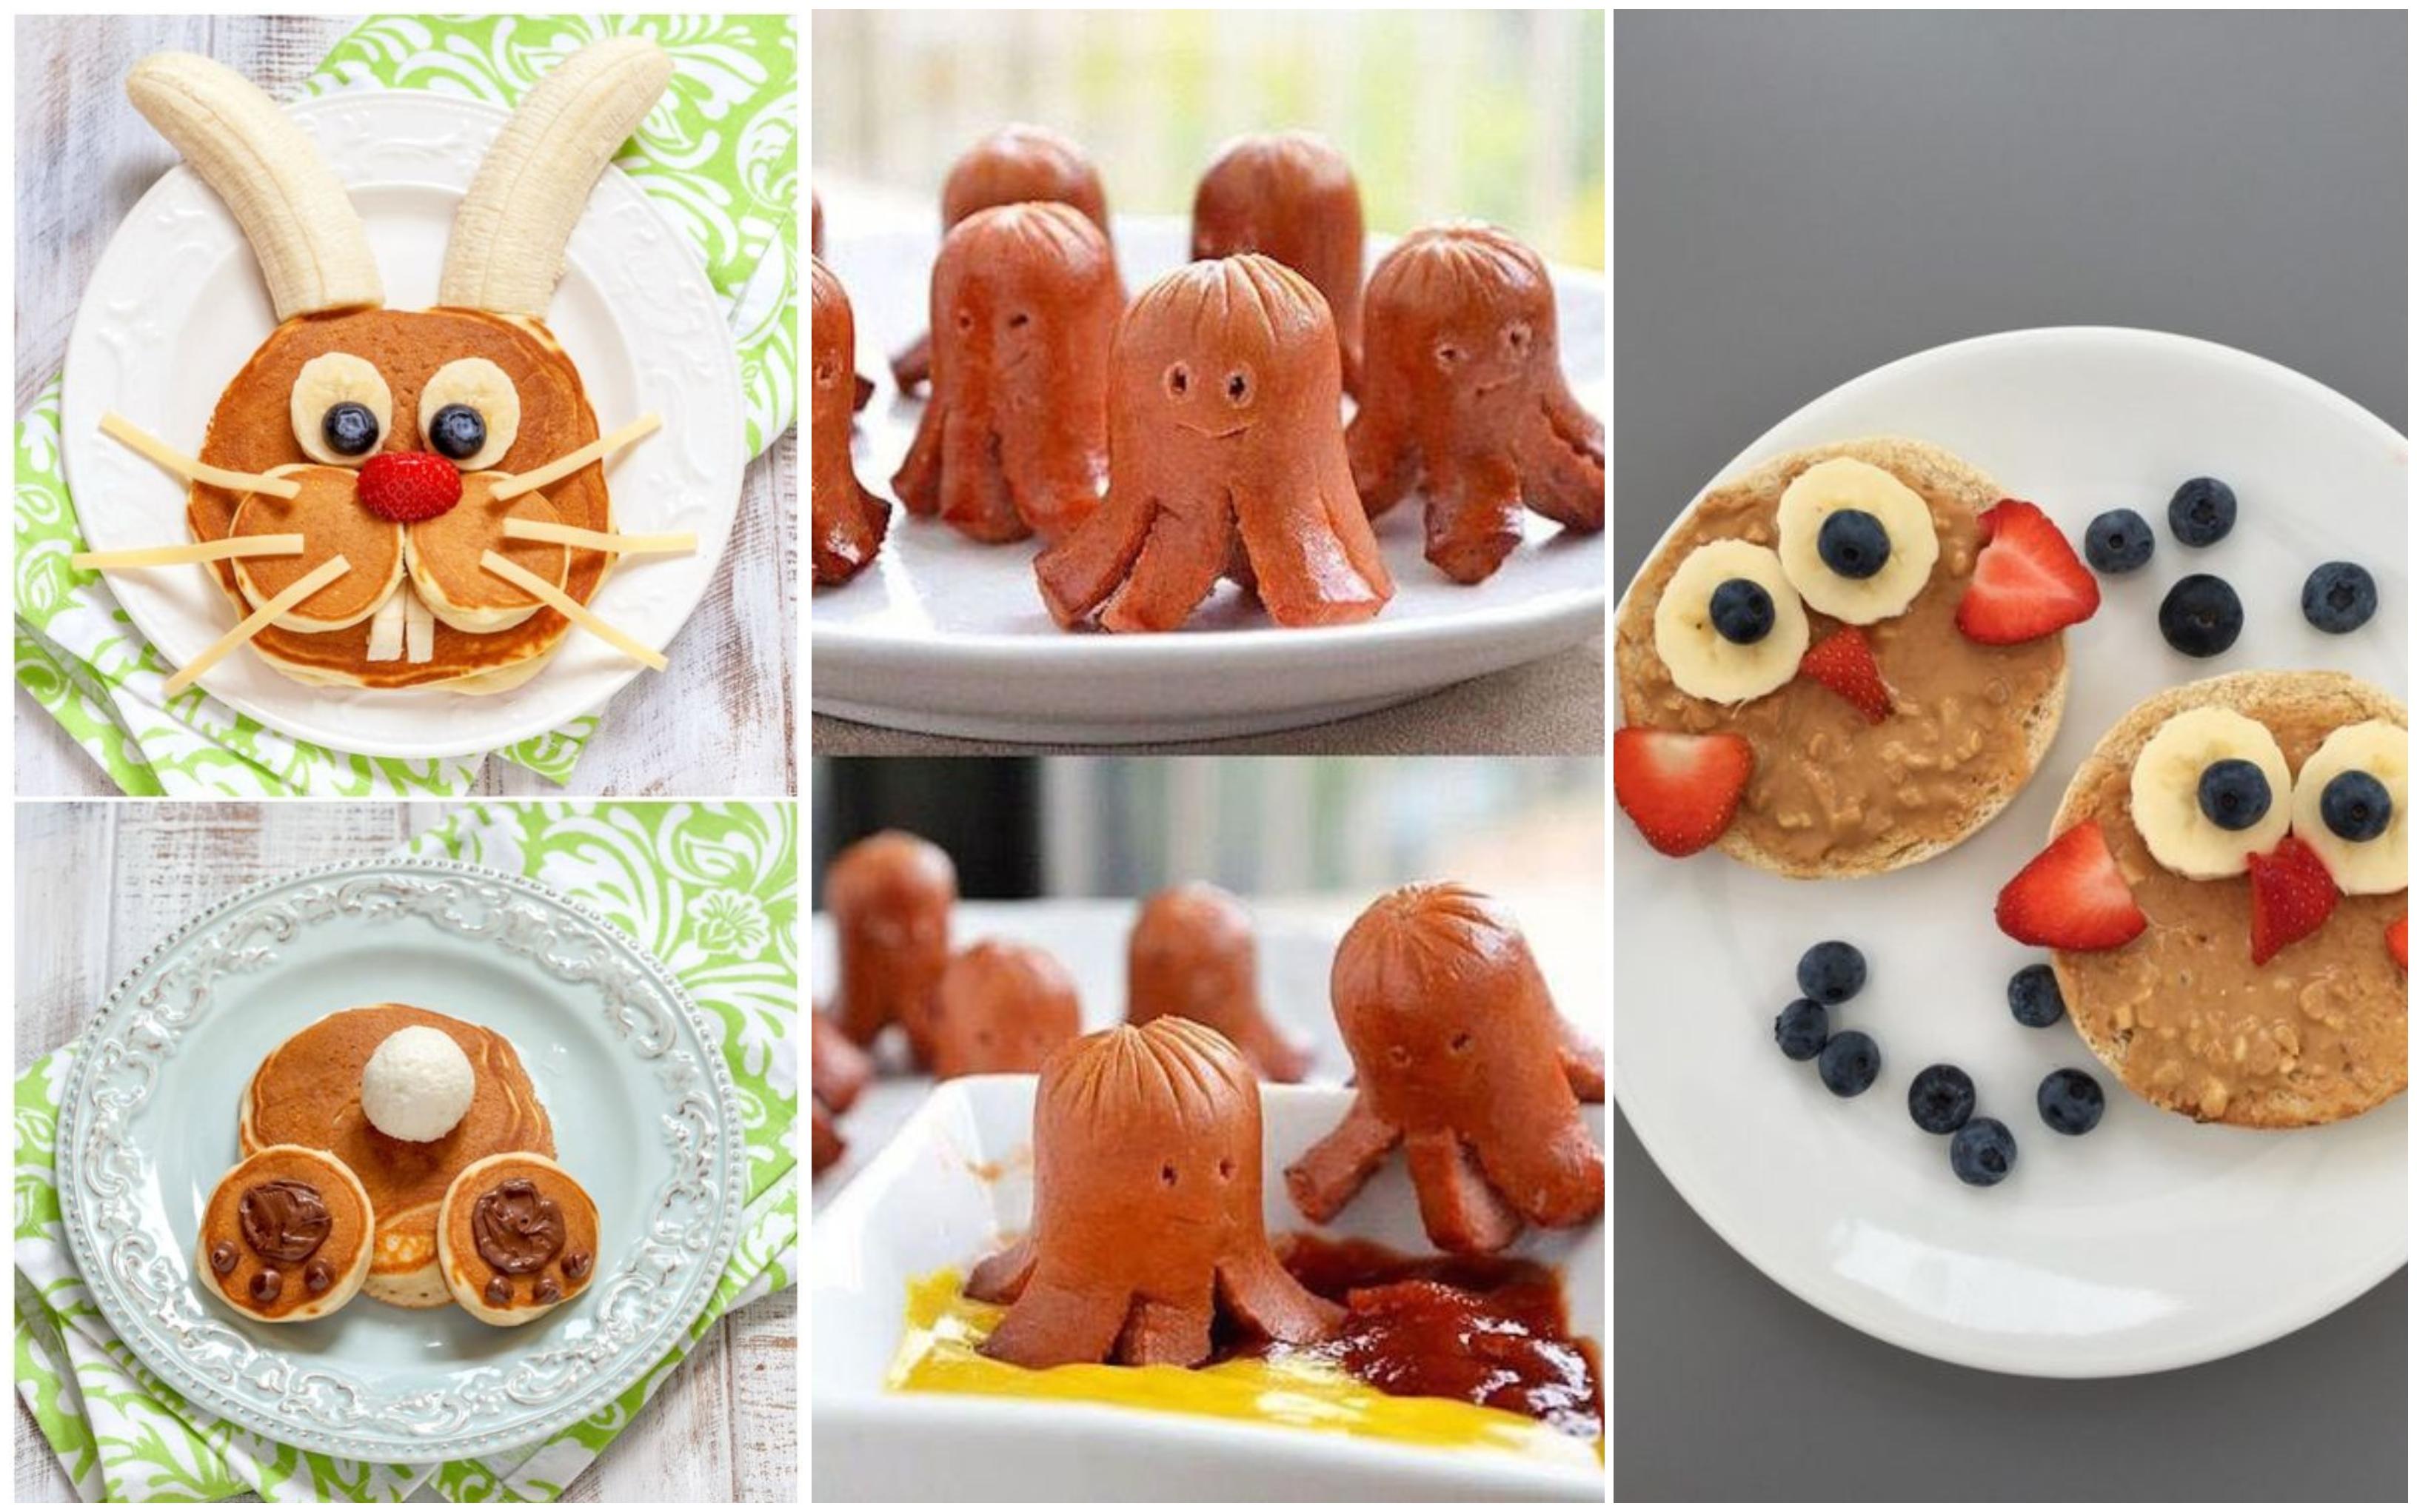 frühstück für kinder 10 kreative lustige essenideen